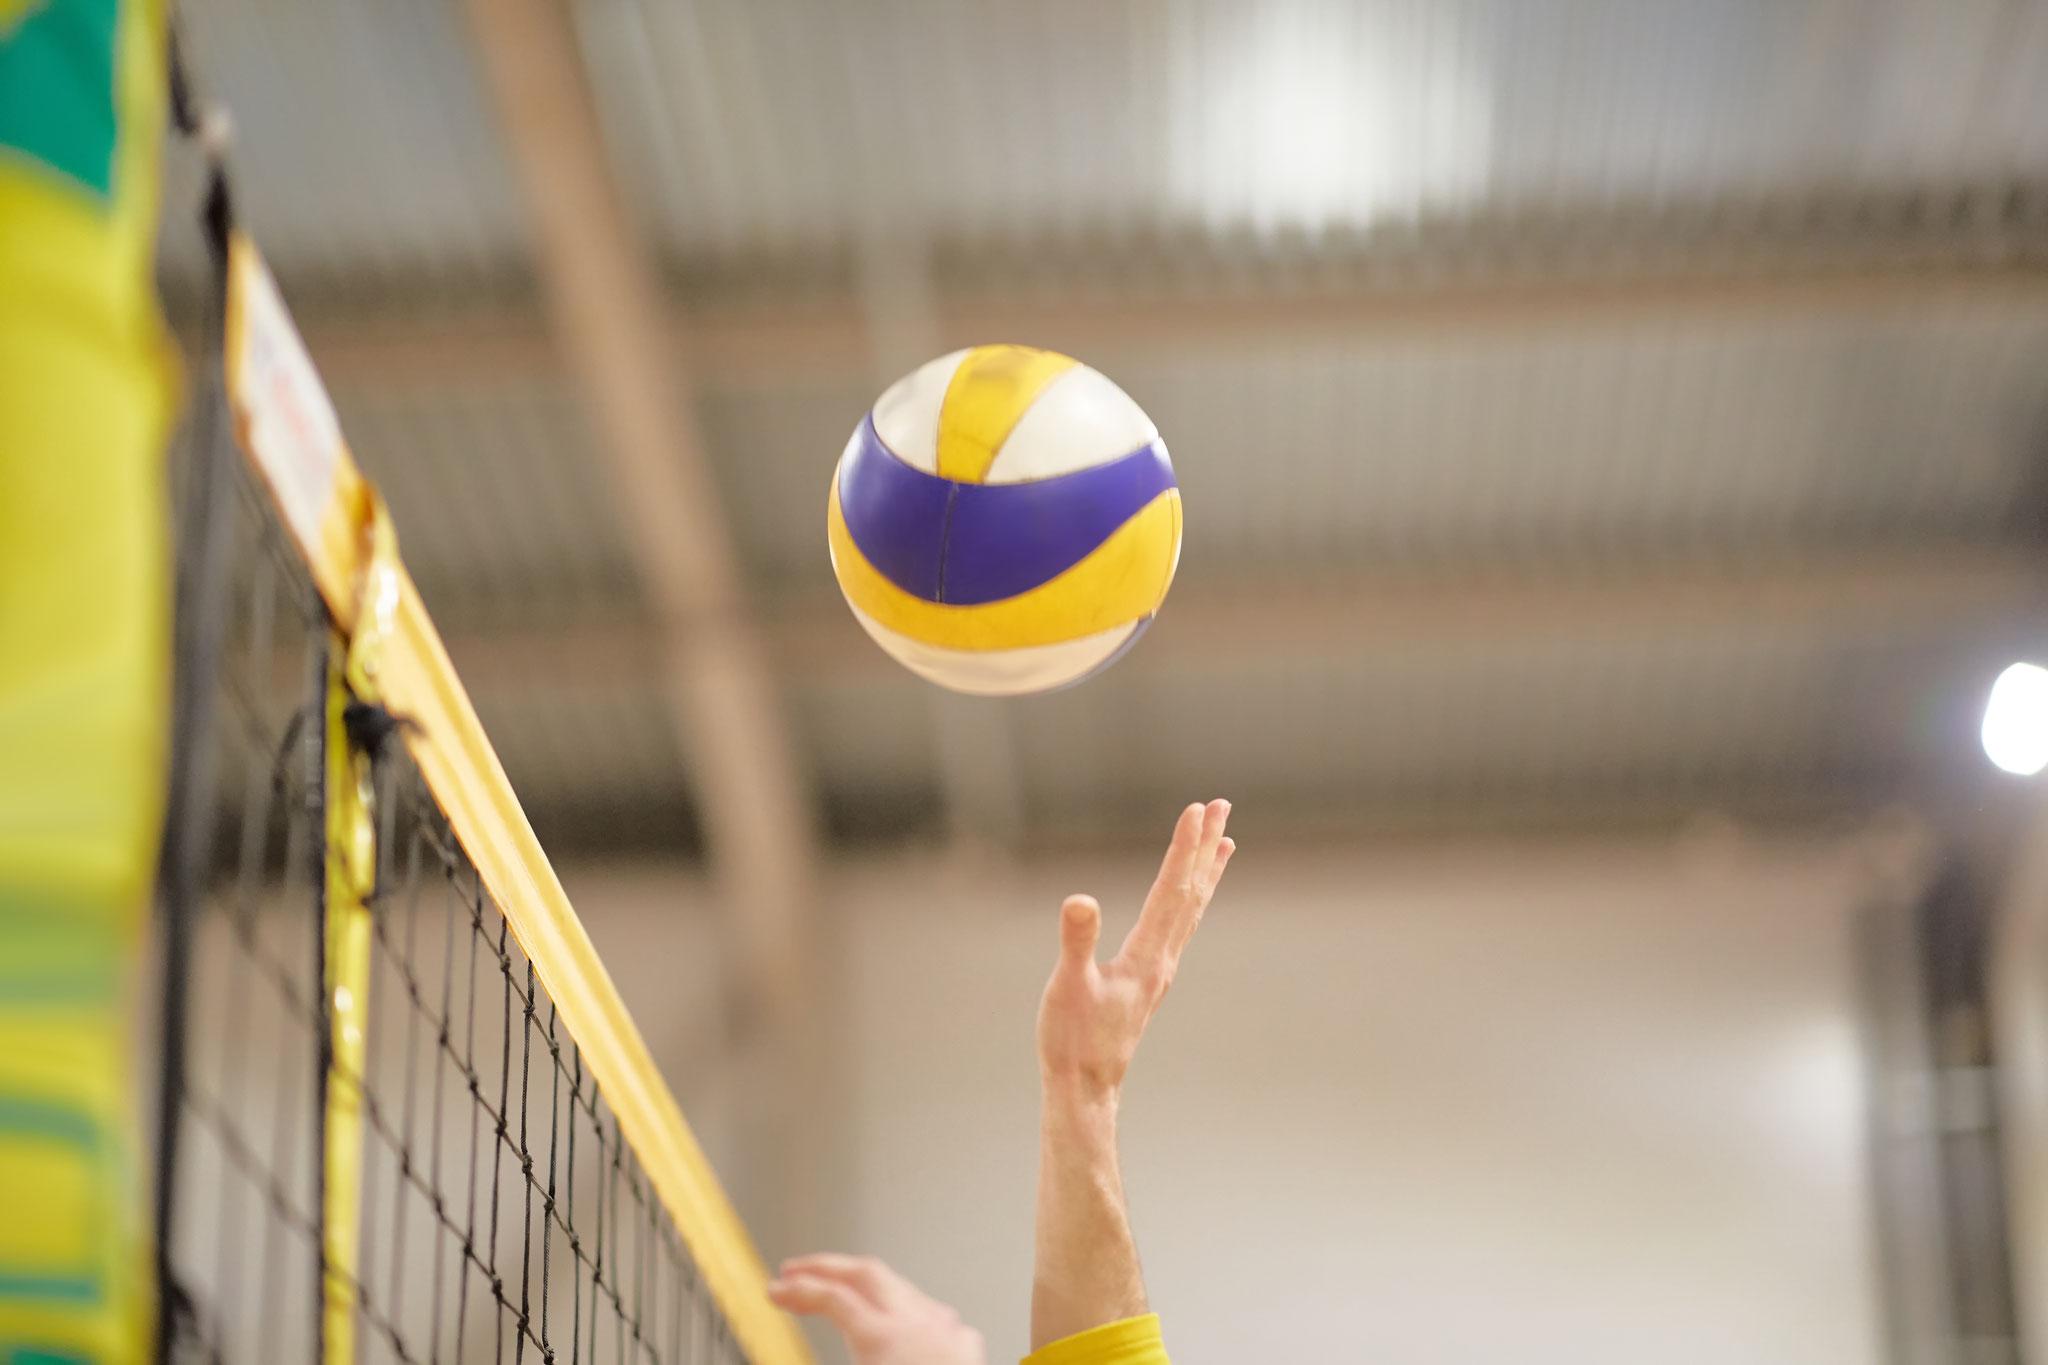 Fr, 20.08. | 19.30-22.00 Uhr: Volleyball | Turnhalle Grundschule am Bürgerpark | © Alex, Adobe Stock